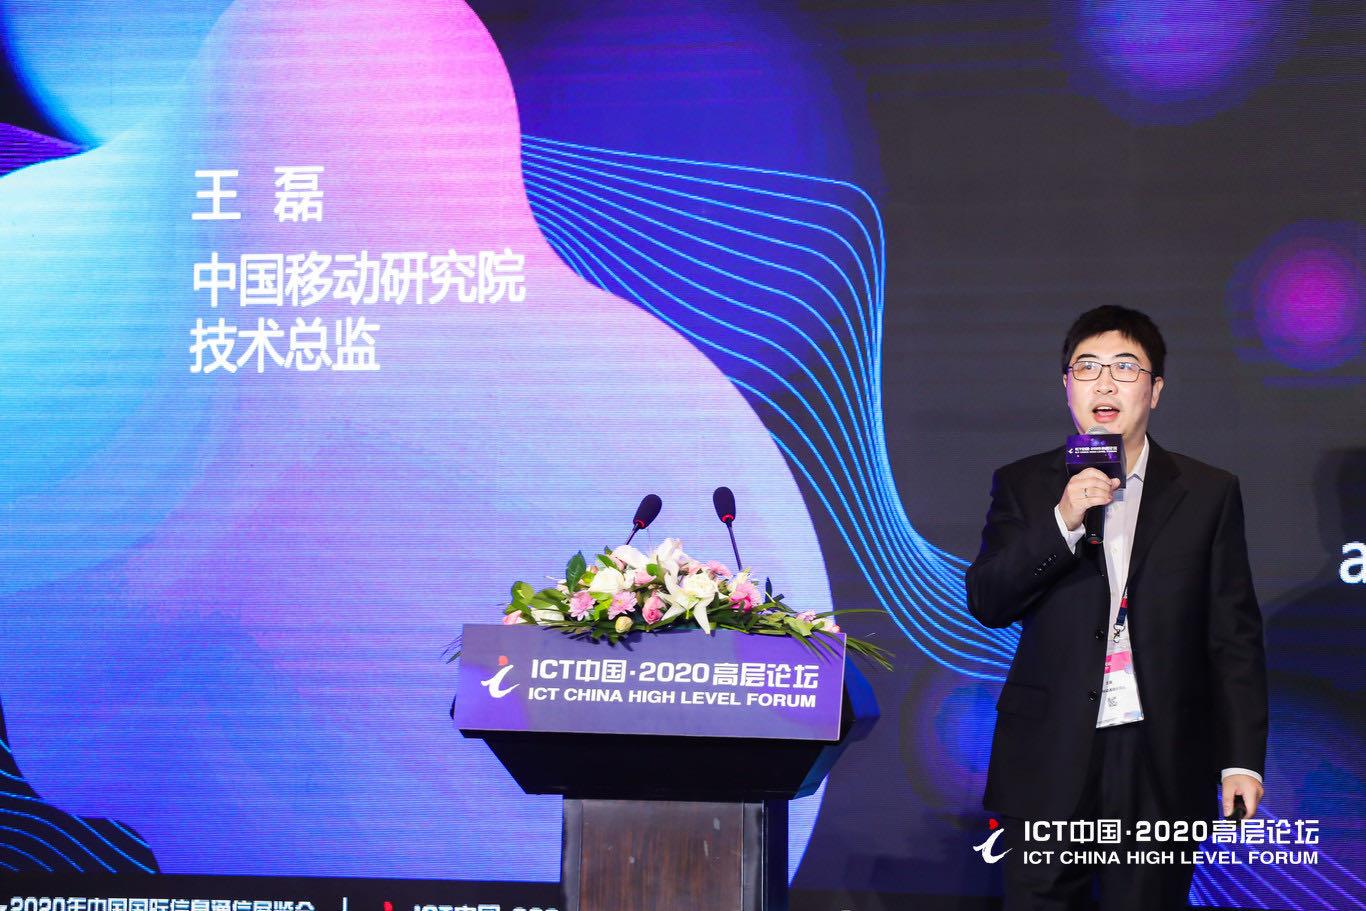 中国移动王磊:光通信是新基建的核心,全方位推动升级演进